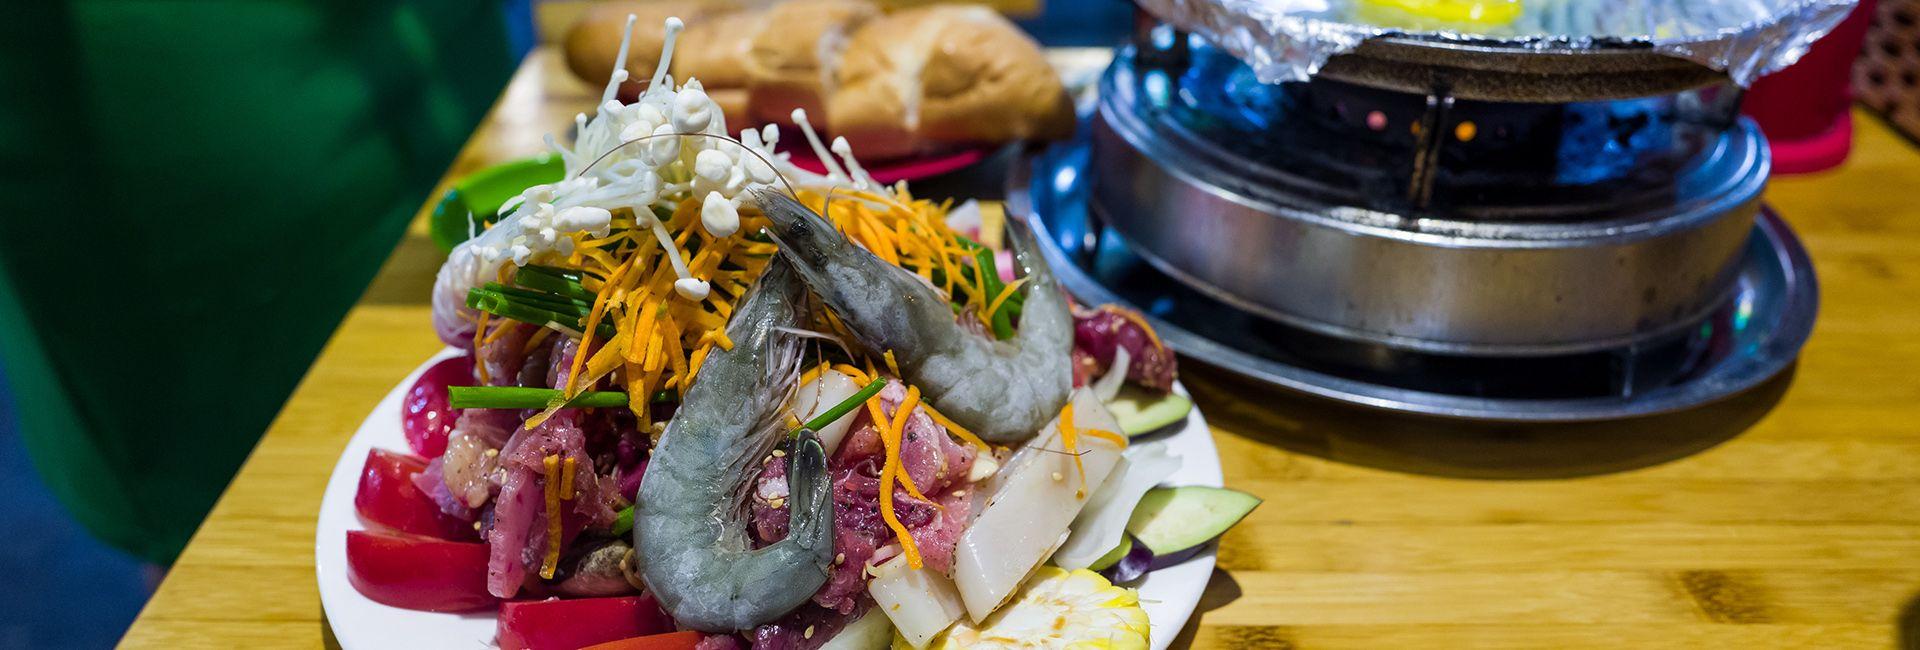 Top 12 quán ăn đêm nổi tiếng Hà Nội cực hút khách